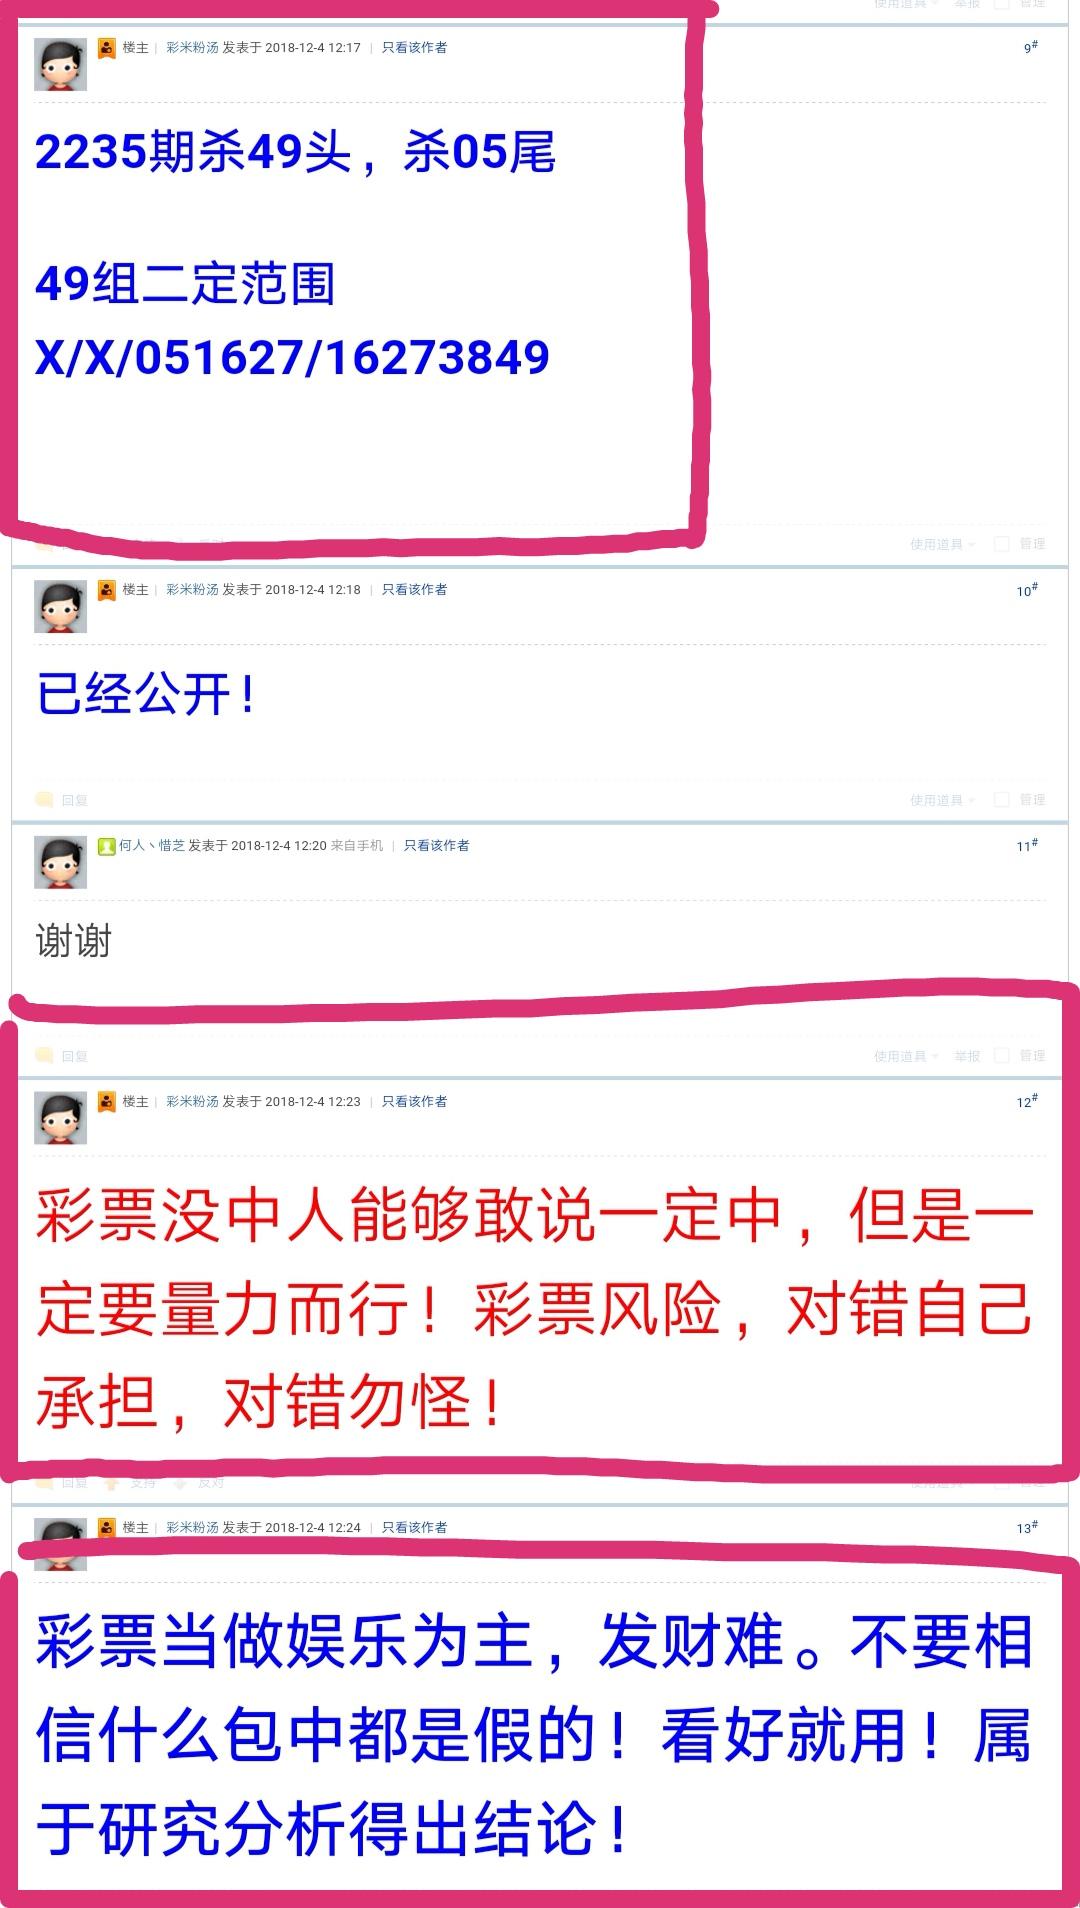 Screenshot_20181204_203949.jpg